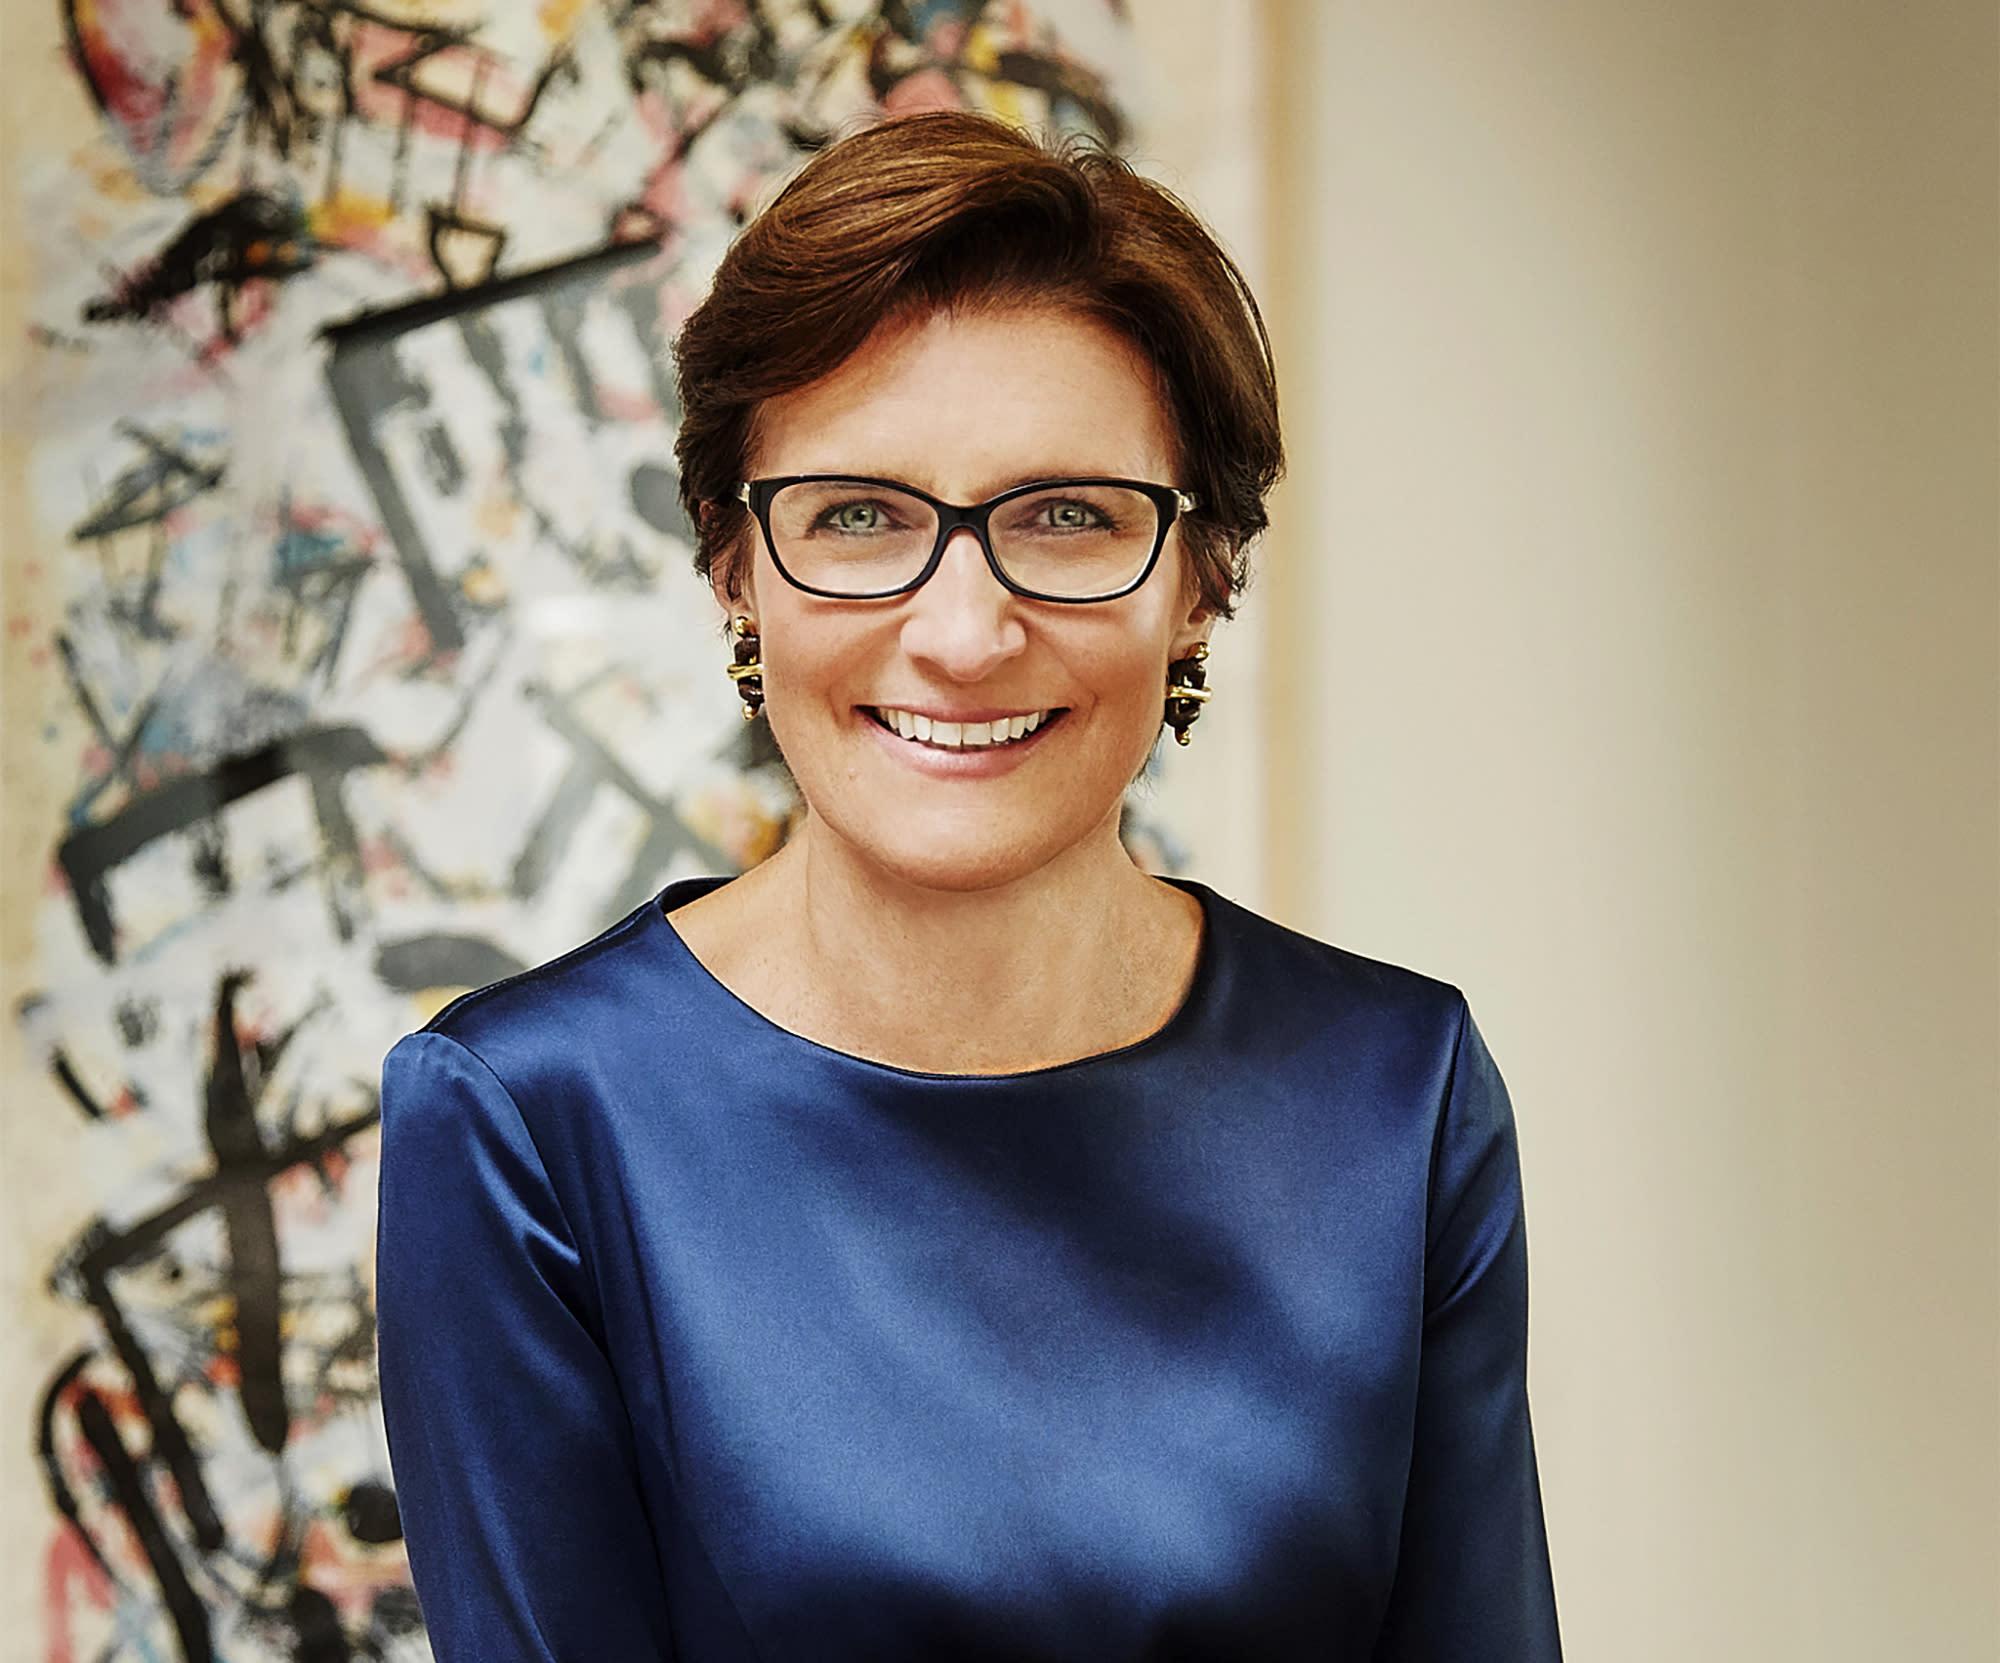 Jane Fraser será la nueva directora general del banco Citi